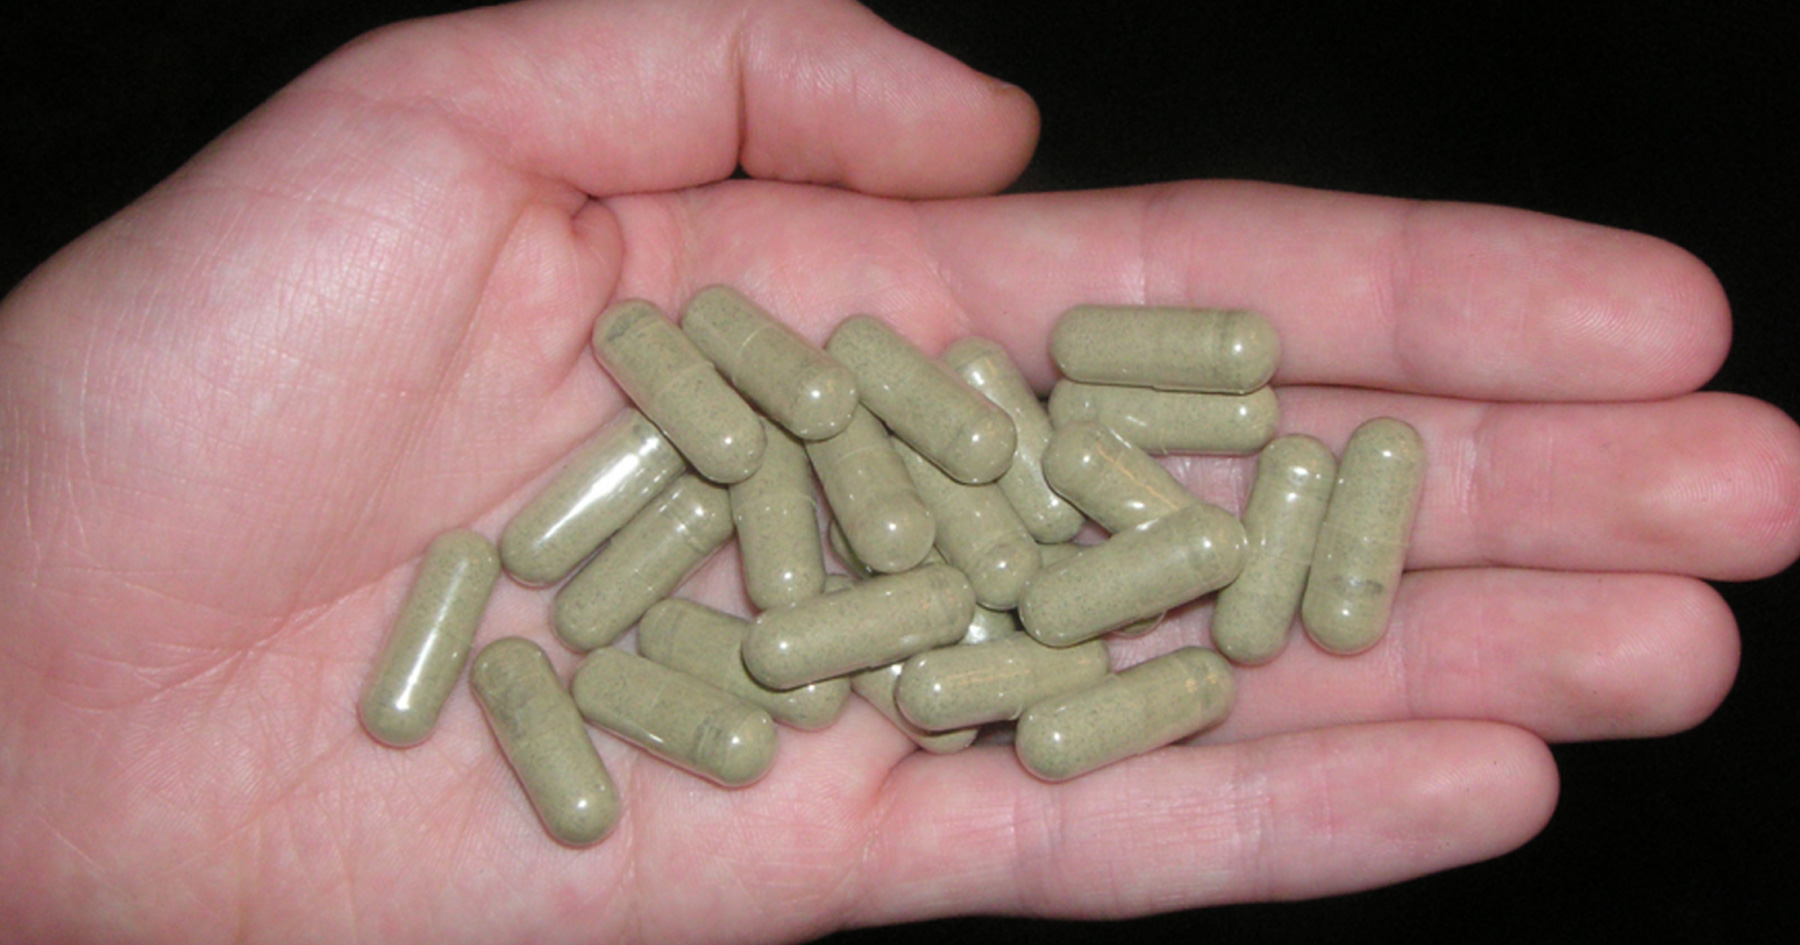 kratom-pills